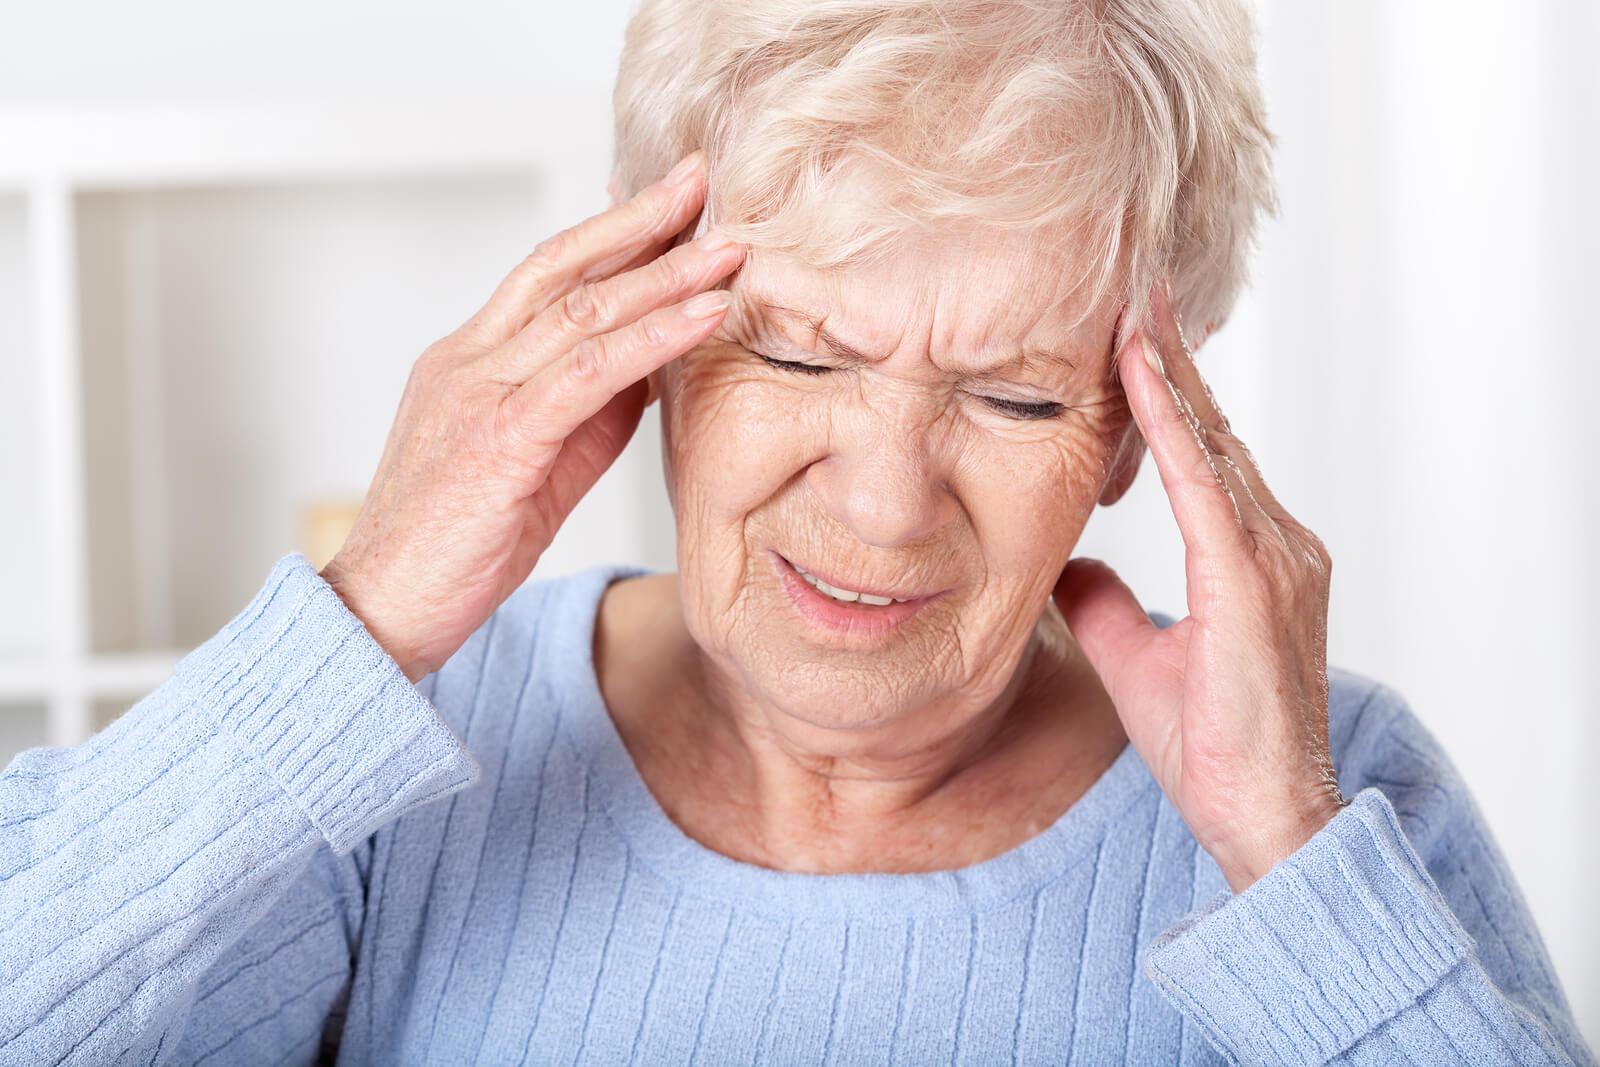 Chronic Headaches May Signal Loss of Brain Tissue